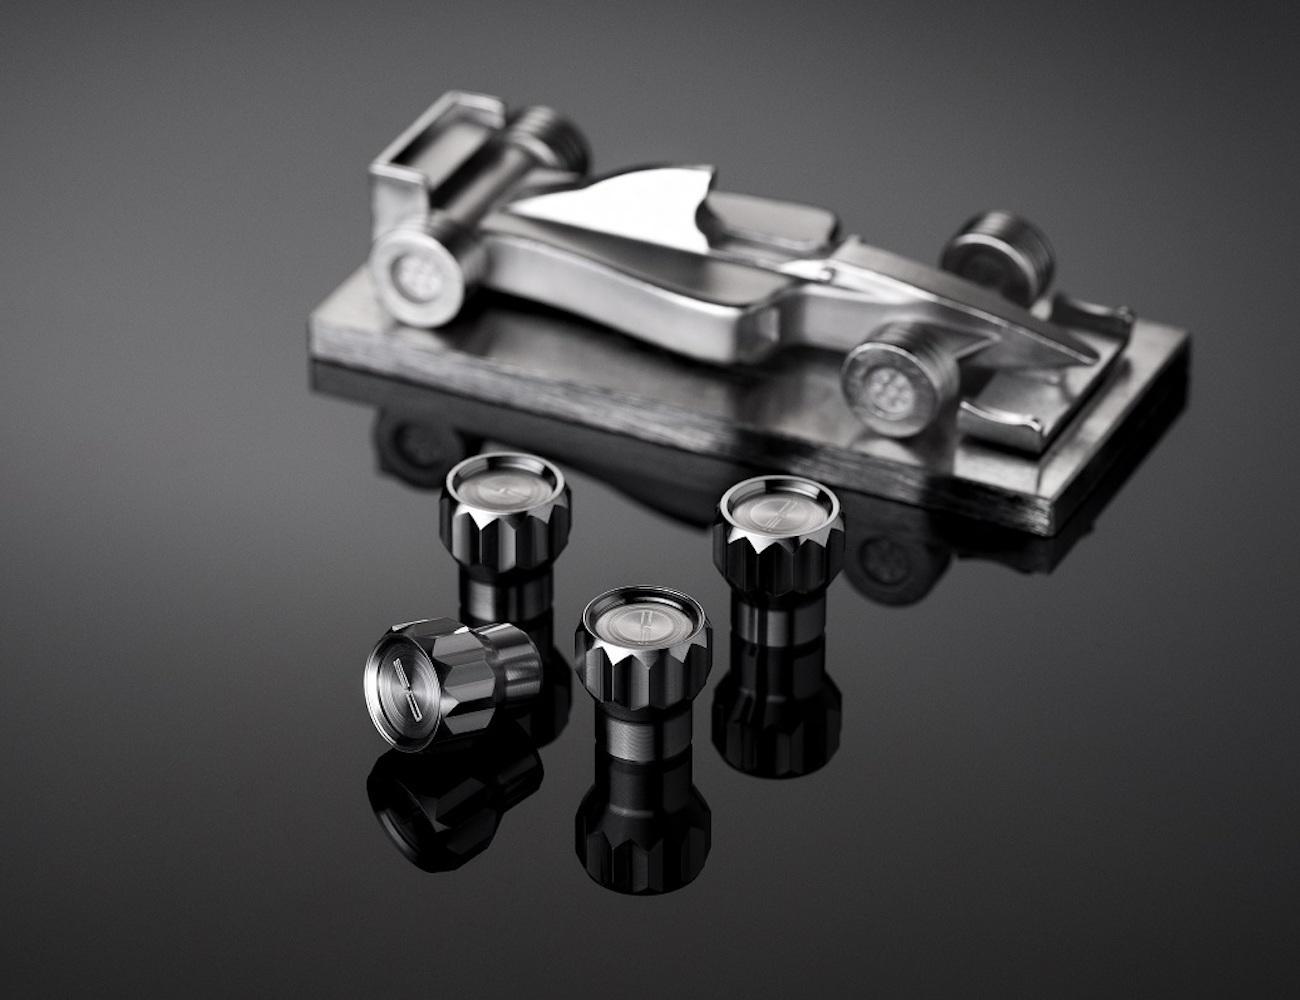 Coeus Titanium Valve Caps For Cars By Solloshi